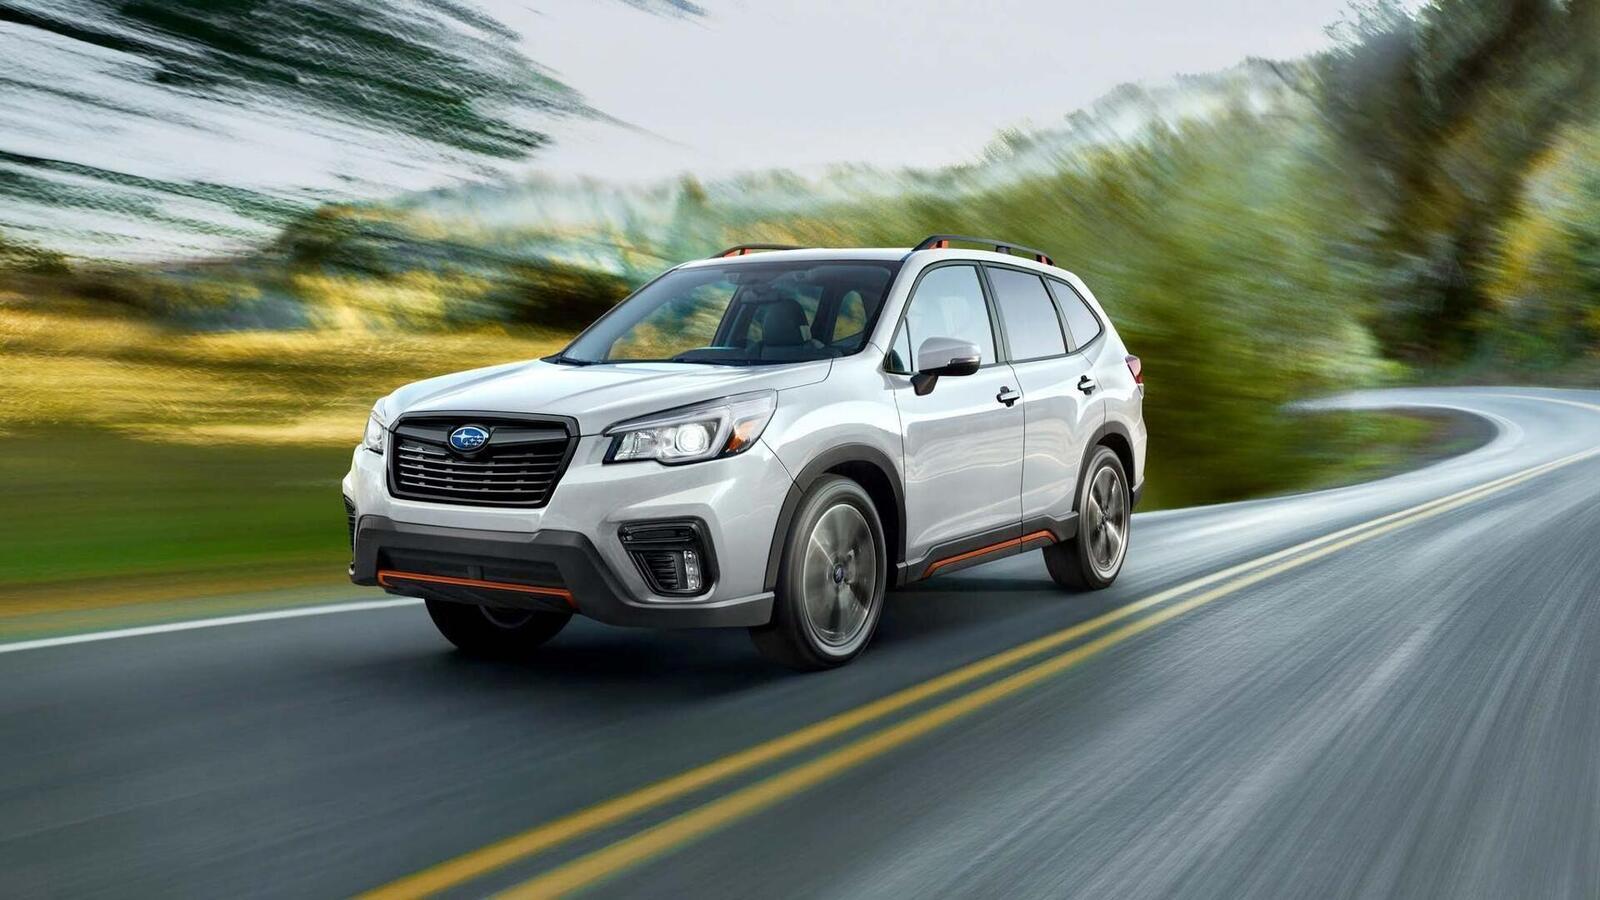 Subaru Forester 2019: Thay đổi nội ngoại thất, động cơ mạnh hơn, thêm nhiều phiên bản - Hình 1